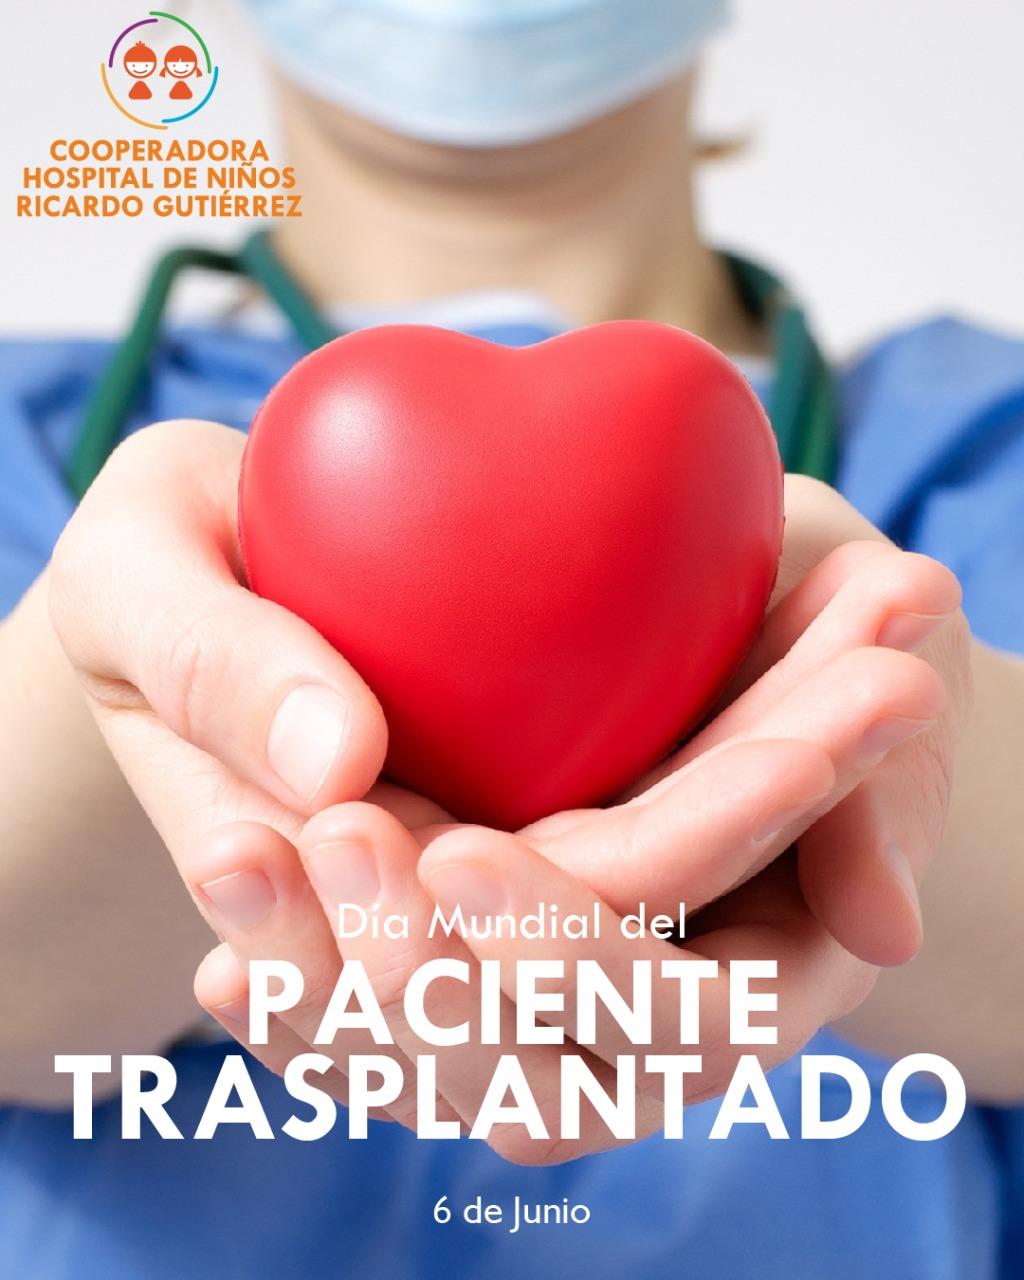 Día Mundial del Paciente Trasplantado